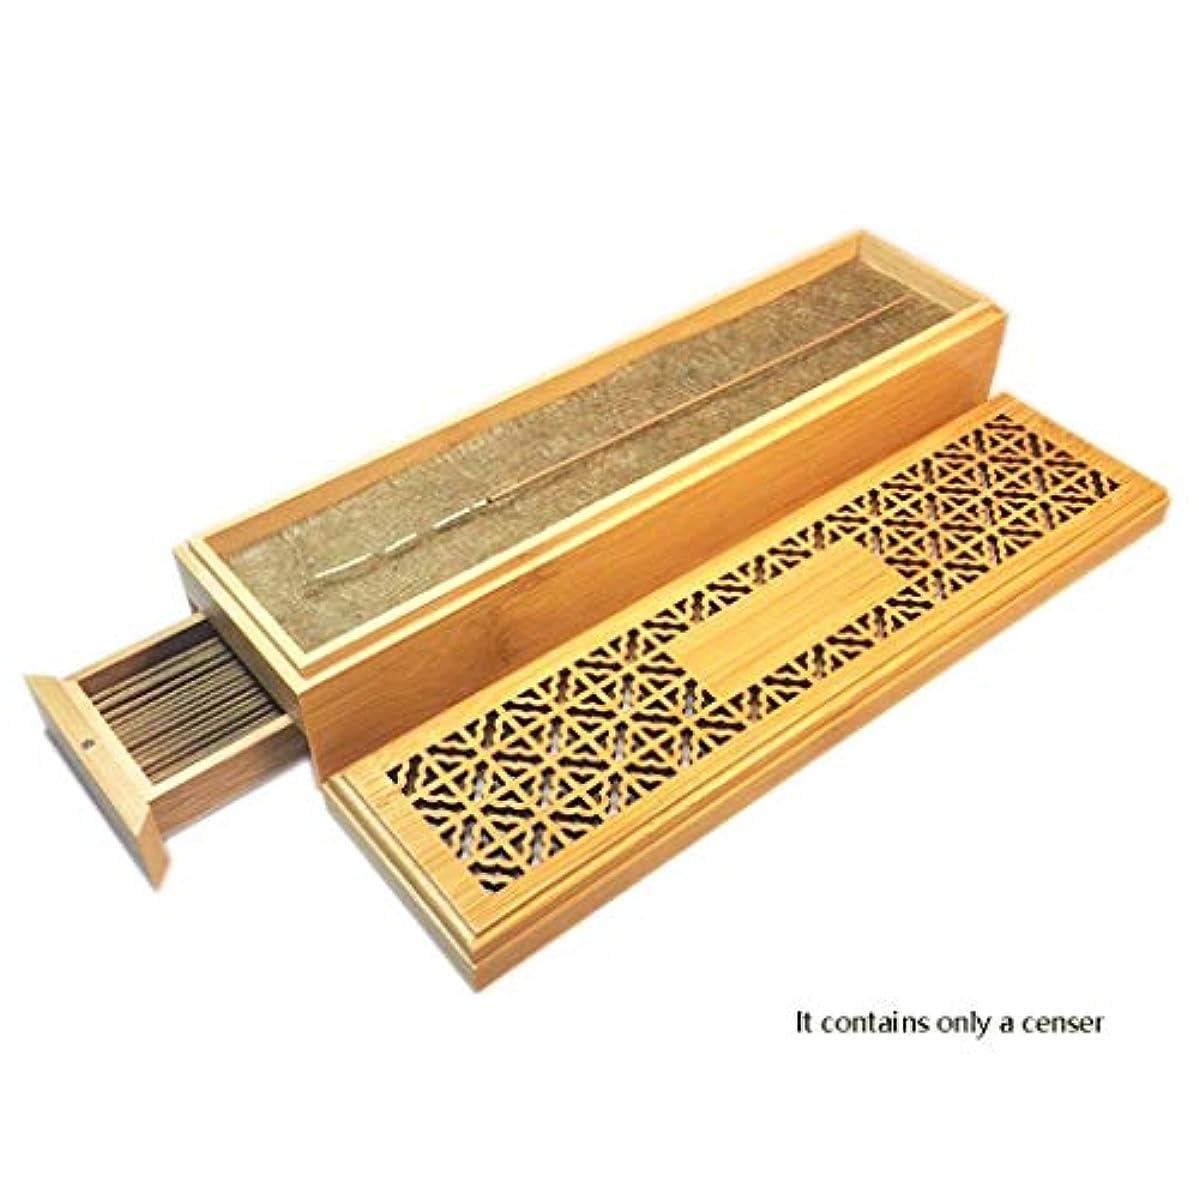 小石評決アトム芳香器?アロマバーナー 竹製お香バーナー引き出し付スティック収納ボックス中空木製ケースボックスIncensoスティックホルダー アロマバーナー芳香器 (Color : Natural)